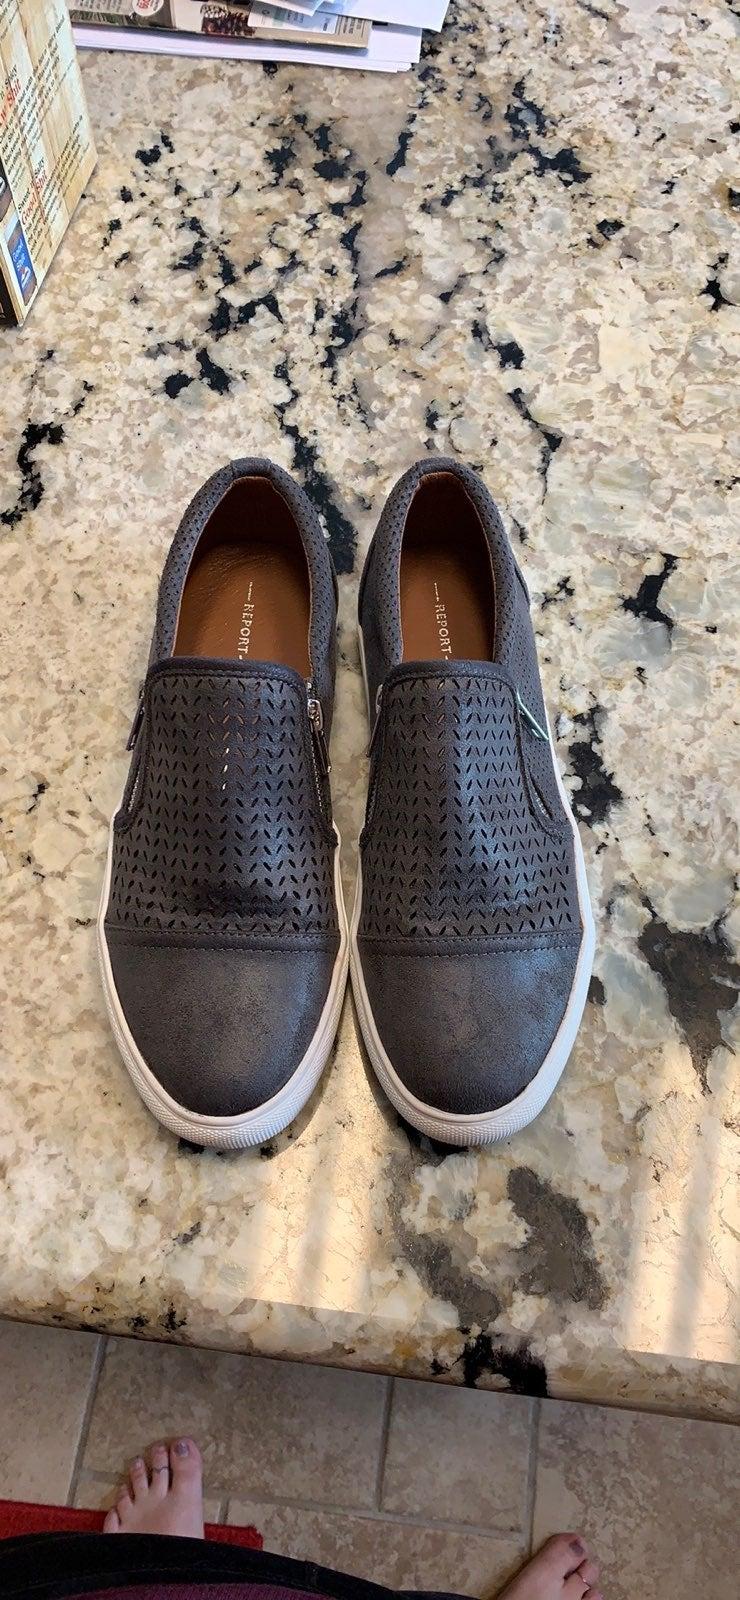 Report sneakers